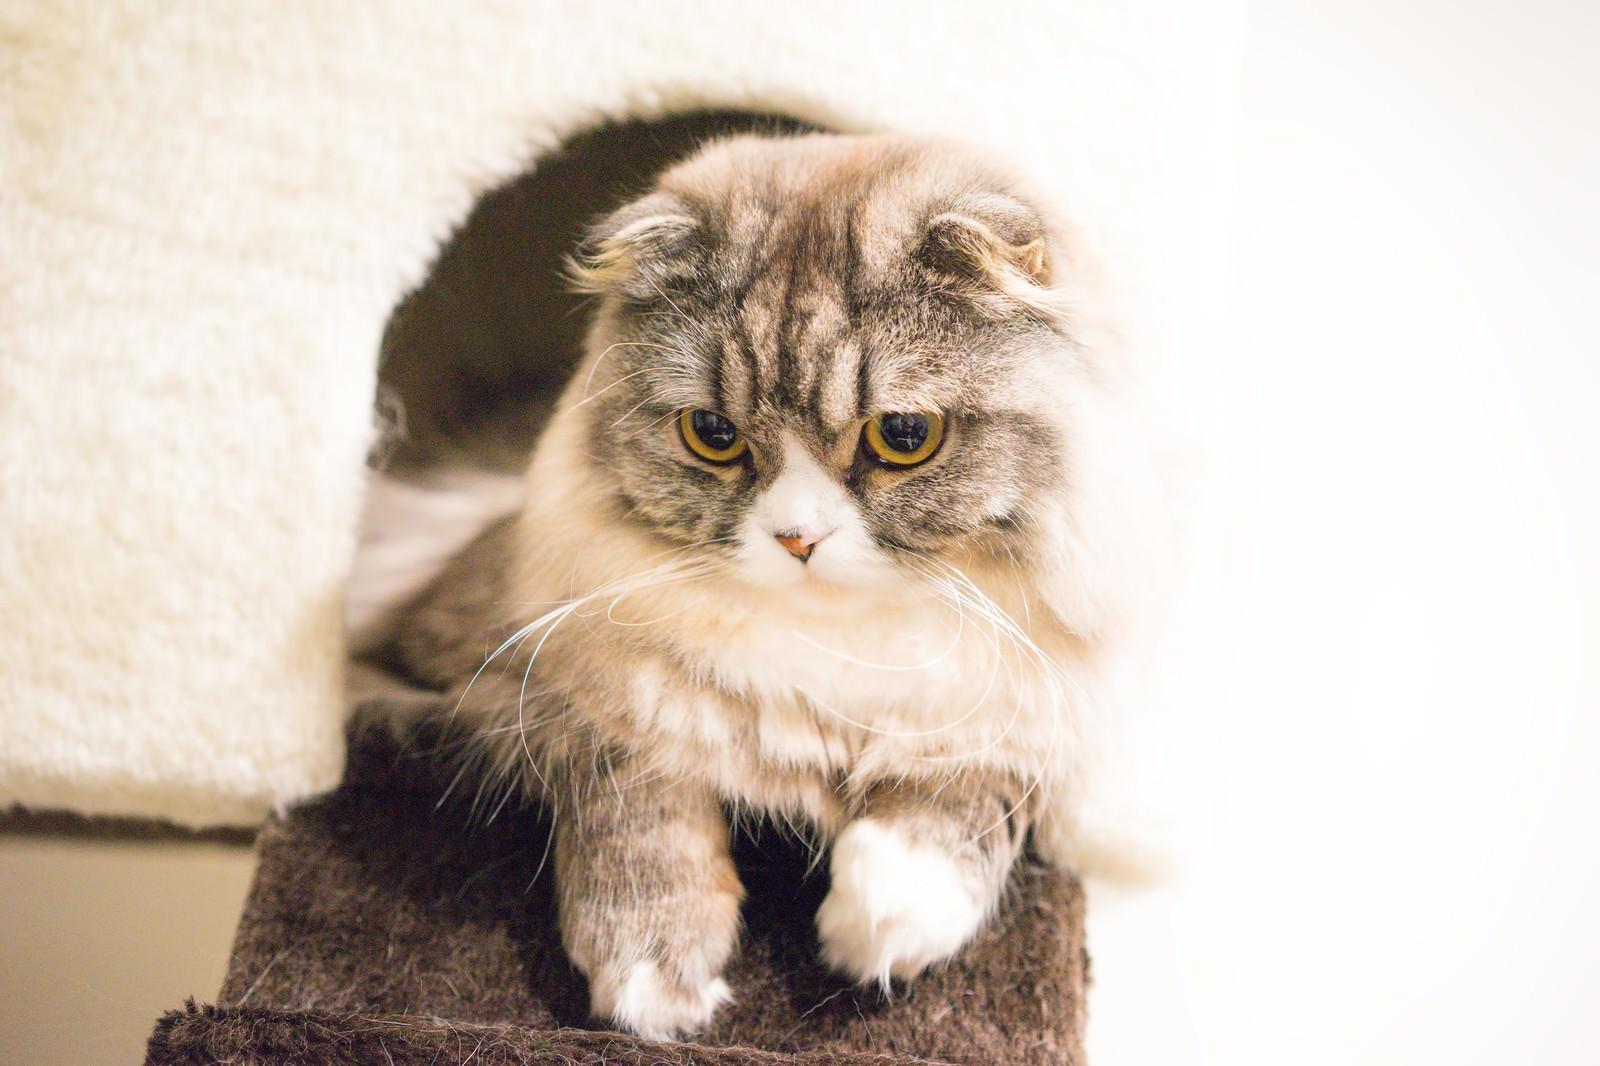 「下を向いてるオス猫(スコティッシュフォールド)」の写真